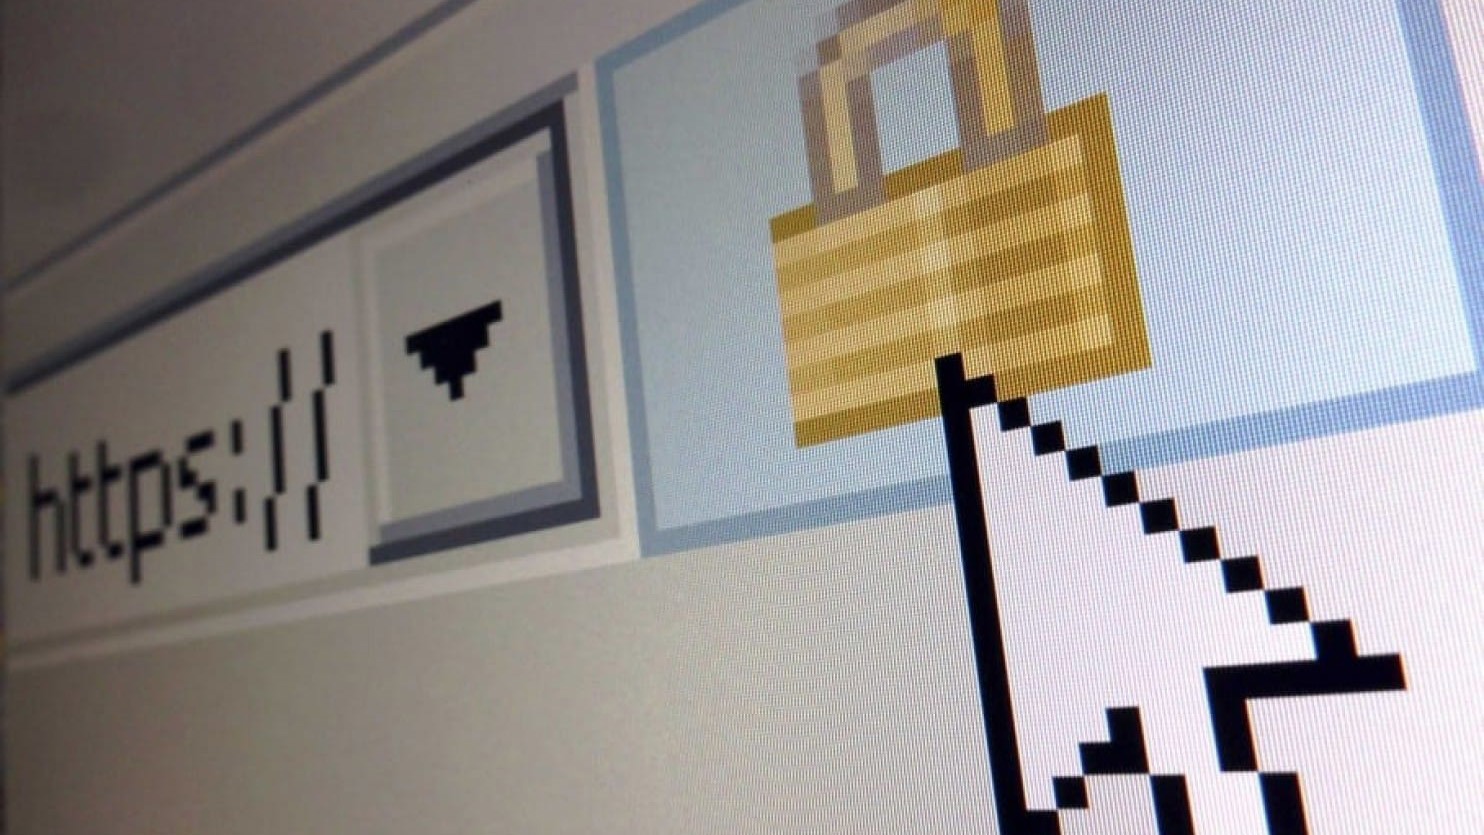 Uso de Internet Explorer en empresas acumula 'deuda', advierte Microsoft